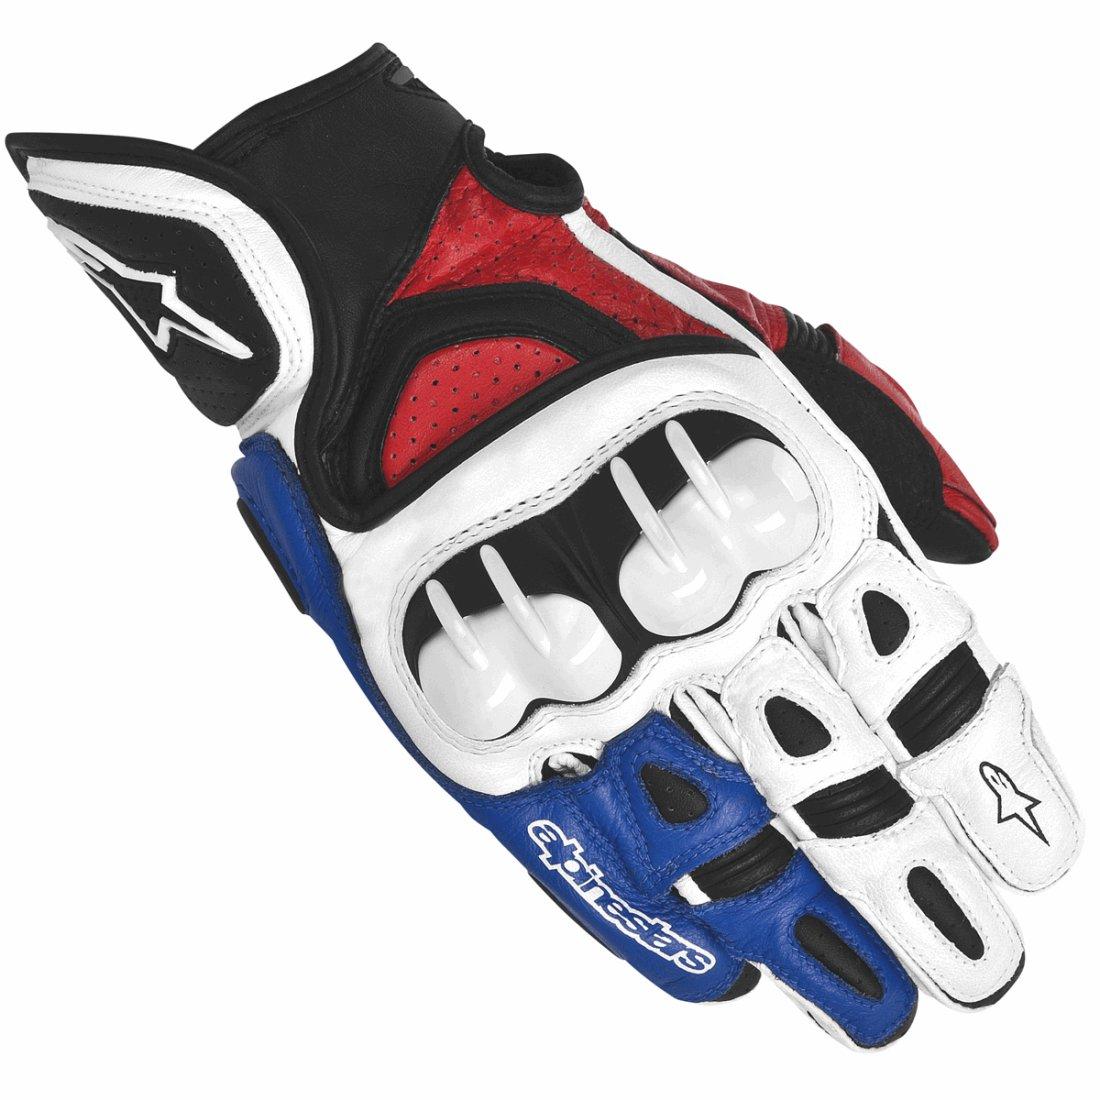 Handschuh ALPINESTARS GP X White Red Blue